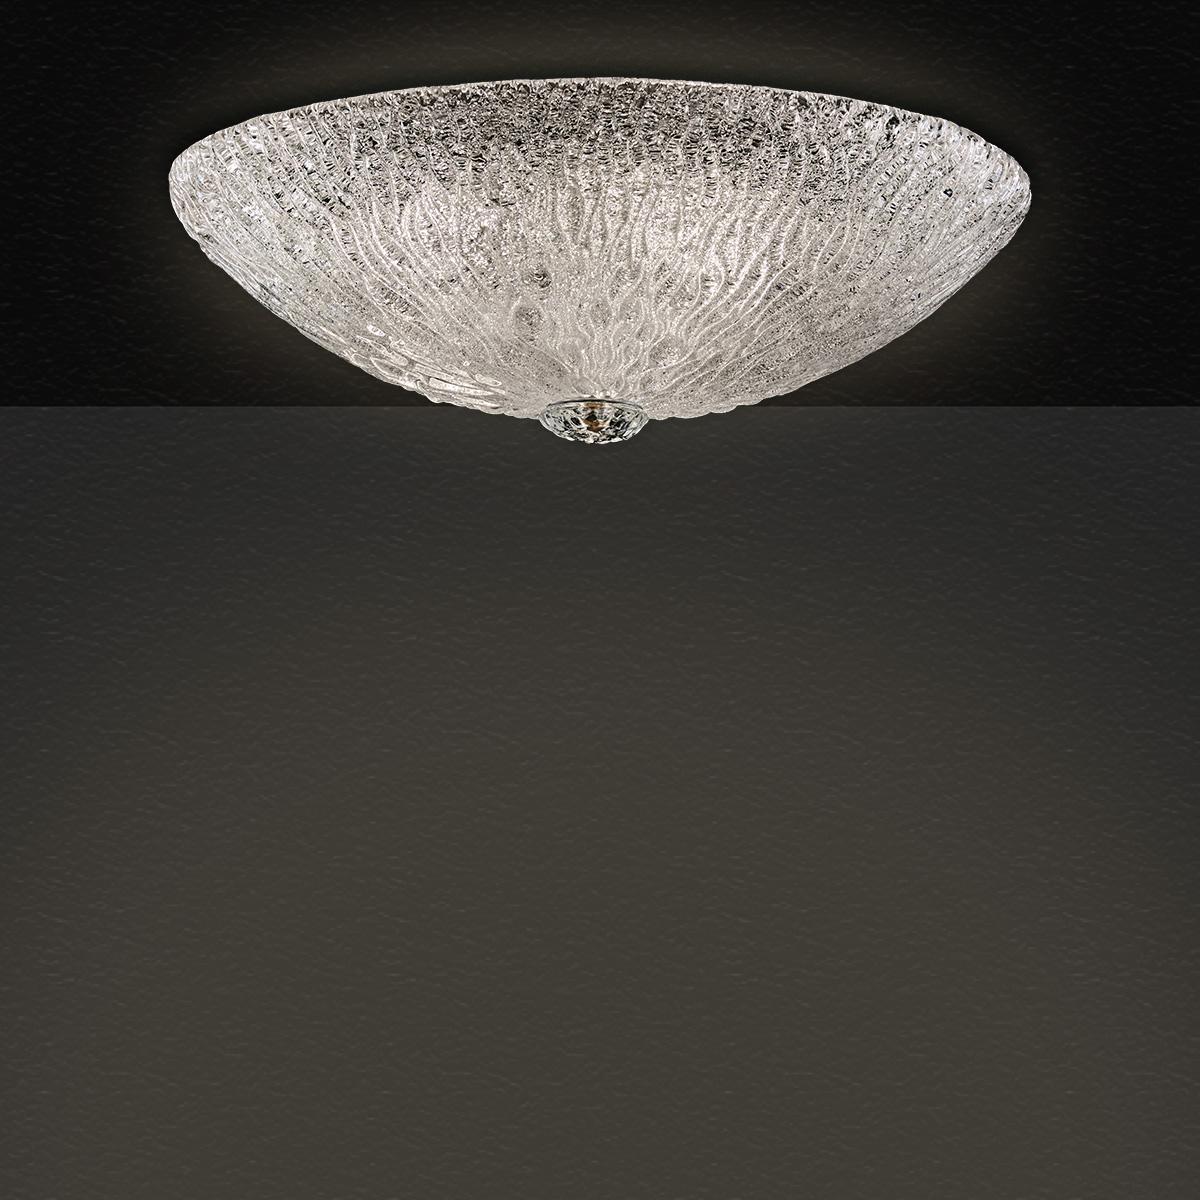 Φωτιστικό οροφής Μουράνο ΚΥΜΑΤΑ murano ceiling lamp